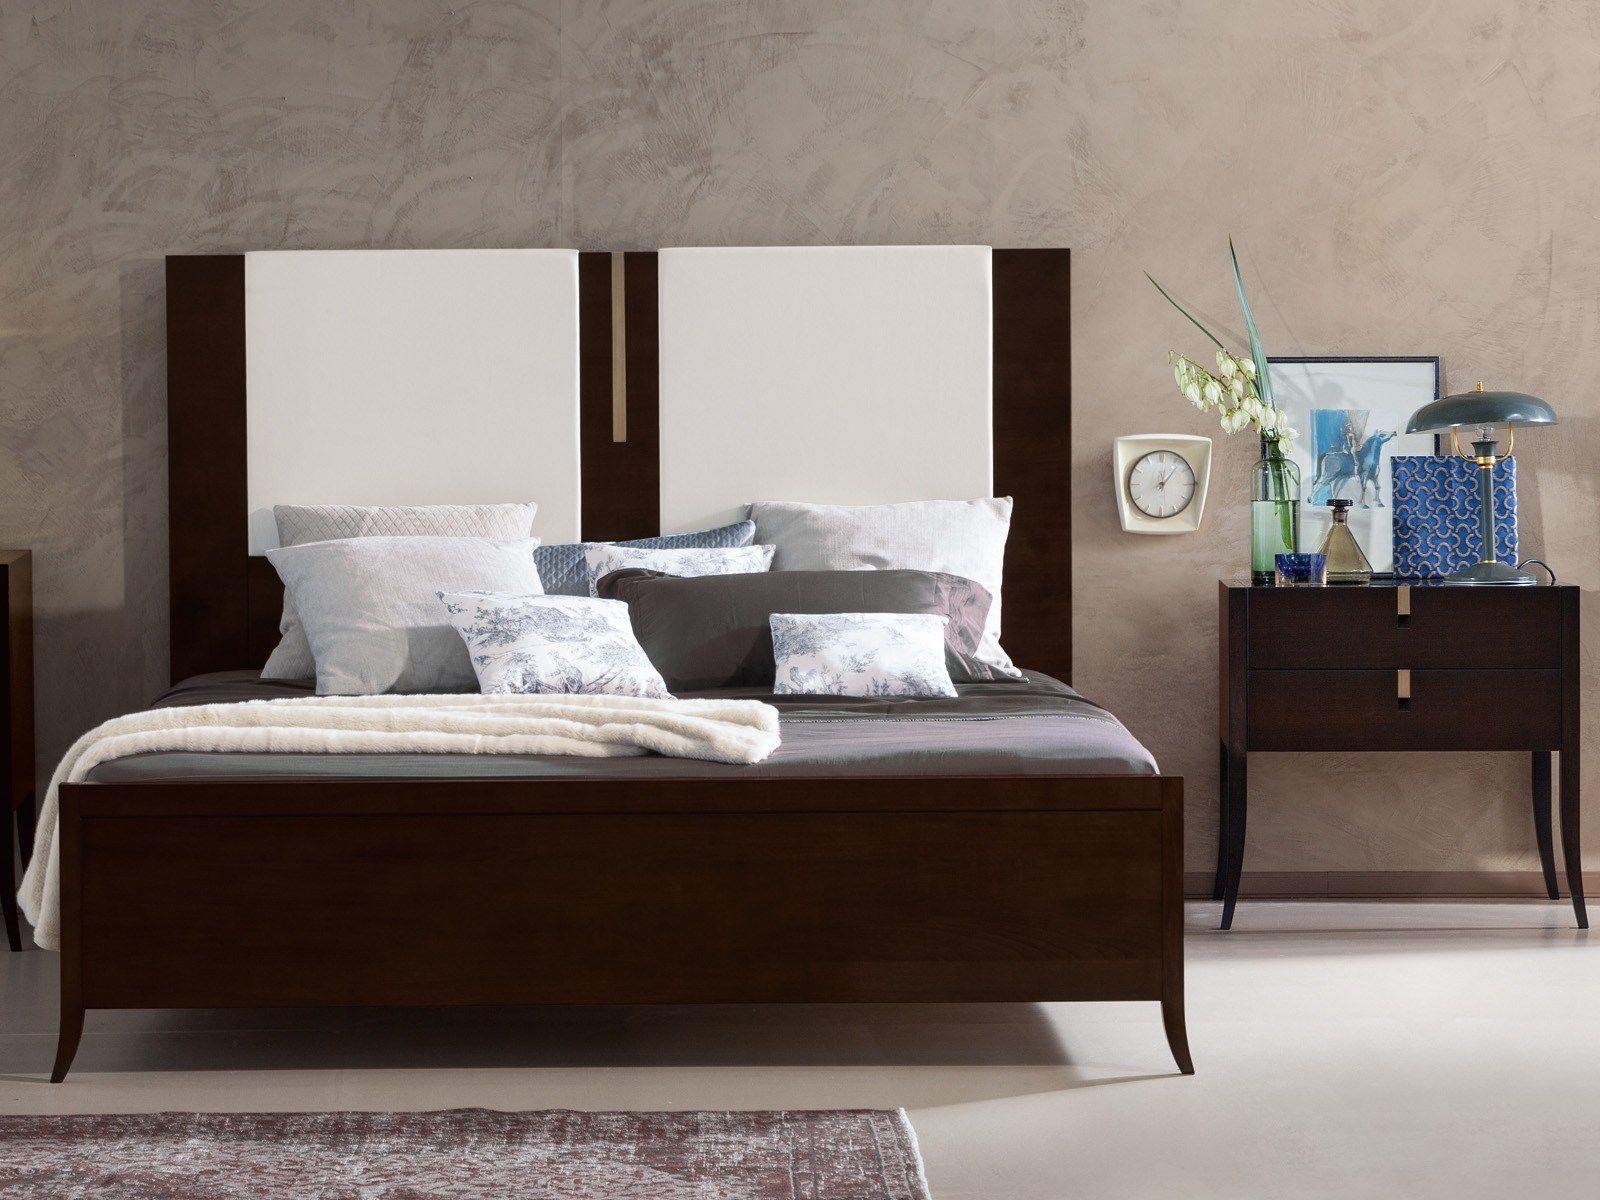 Jubilee letto con testiera alta by selva design axel enthoven - Testiera letto design ...